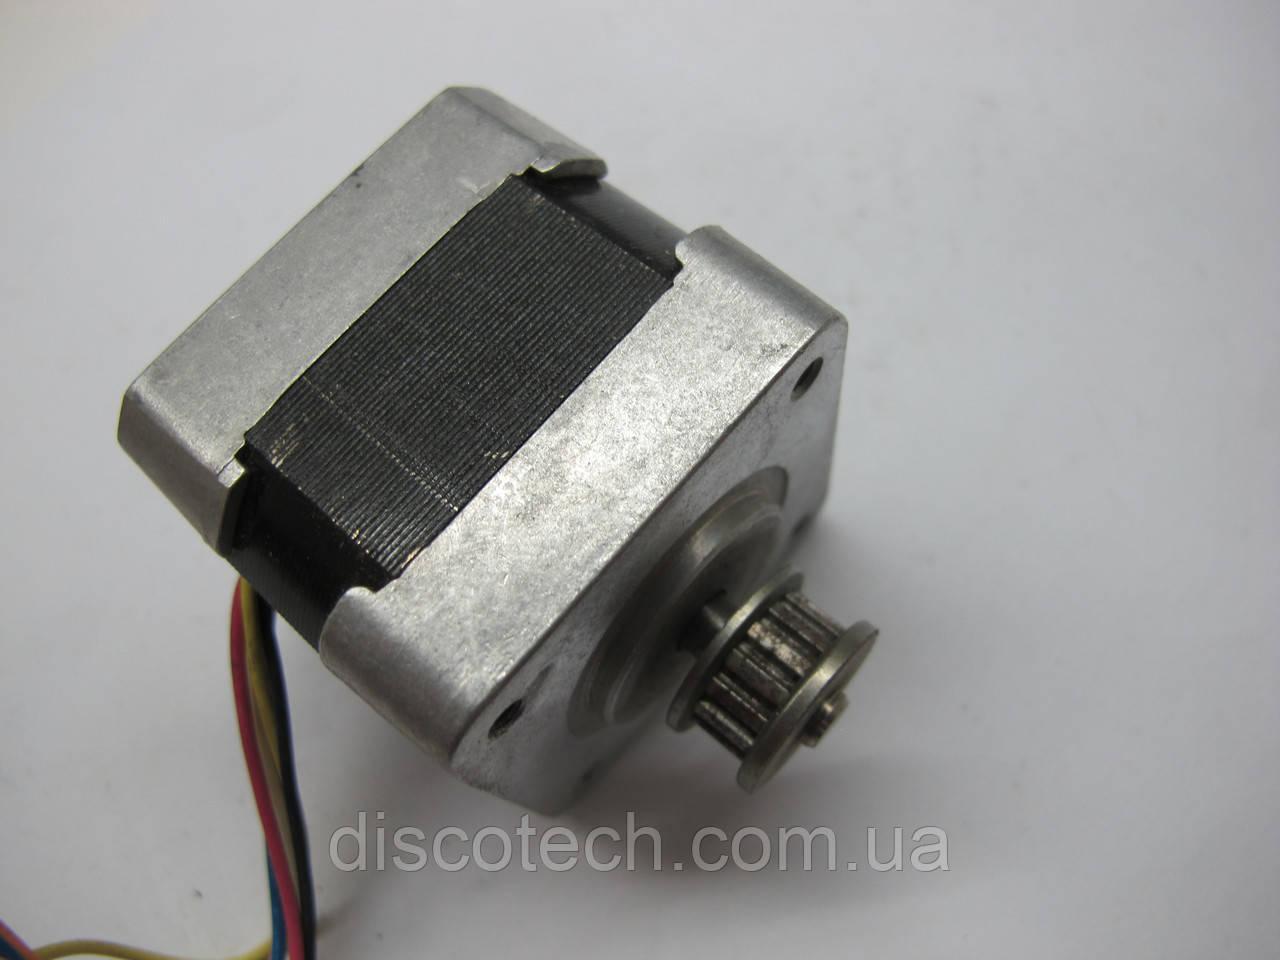 Двигатель шаговый уп 1,8 ф5,0/  7,6 Ом 17PM-H311-P1